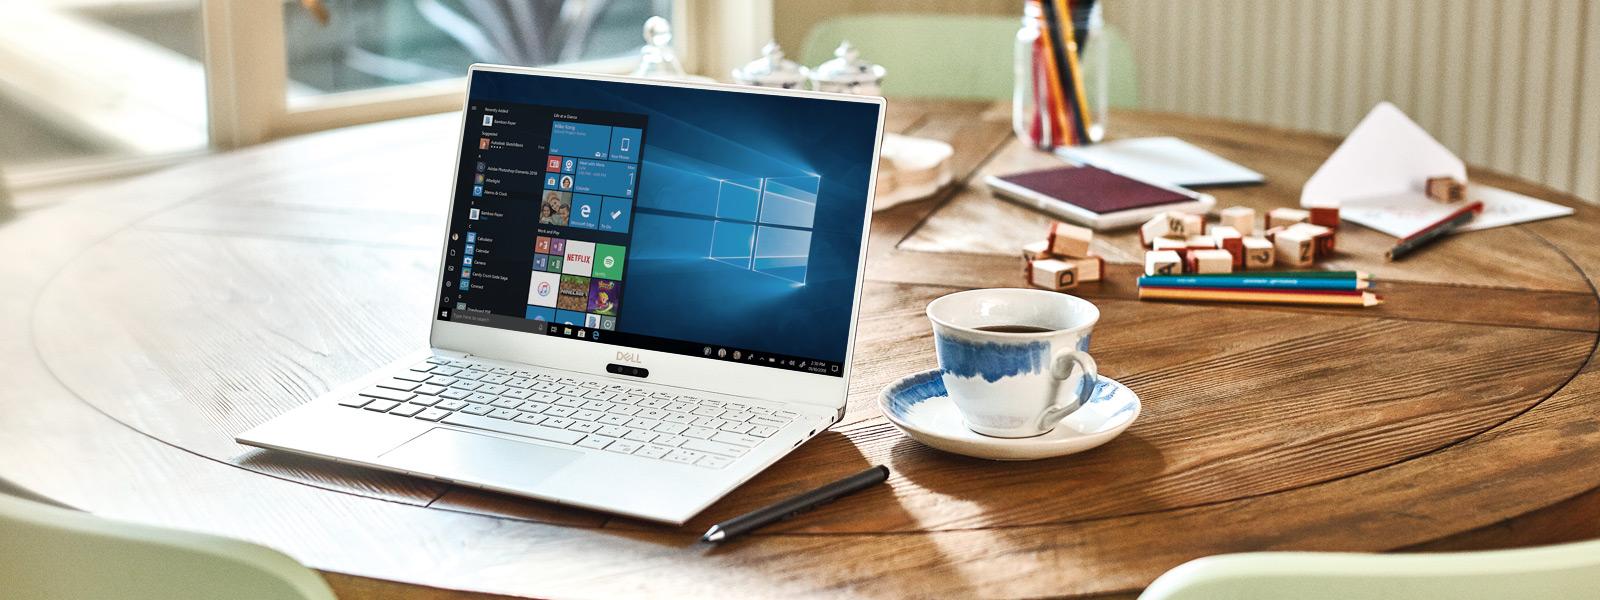 Laual on Dell XPS 13 9370, milles on avatud Windows 10 avakuva.